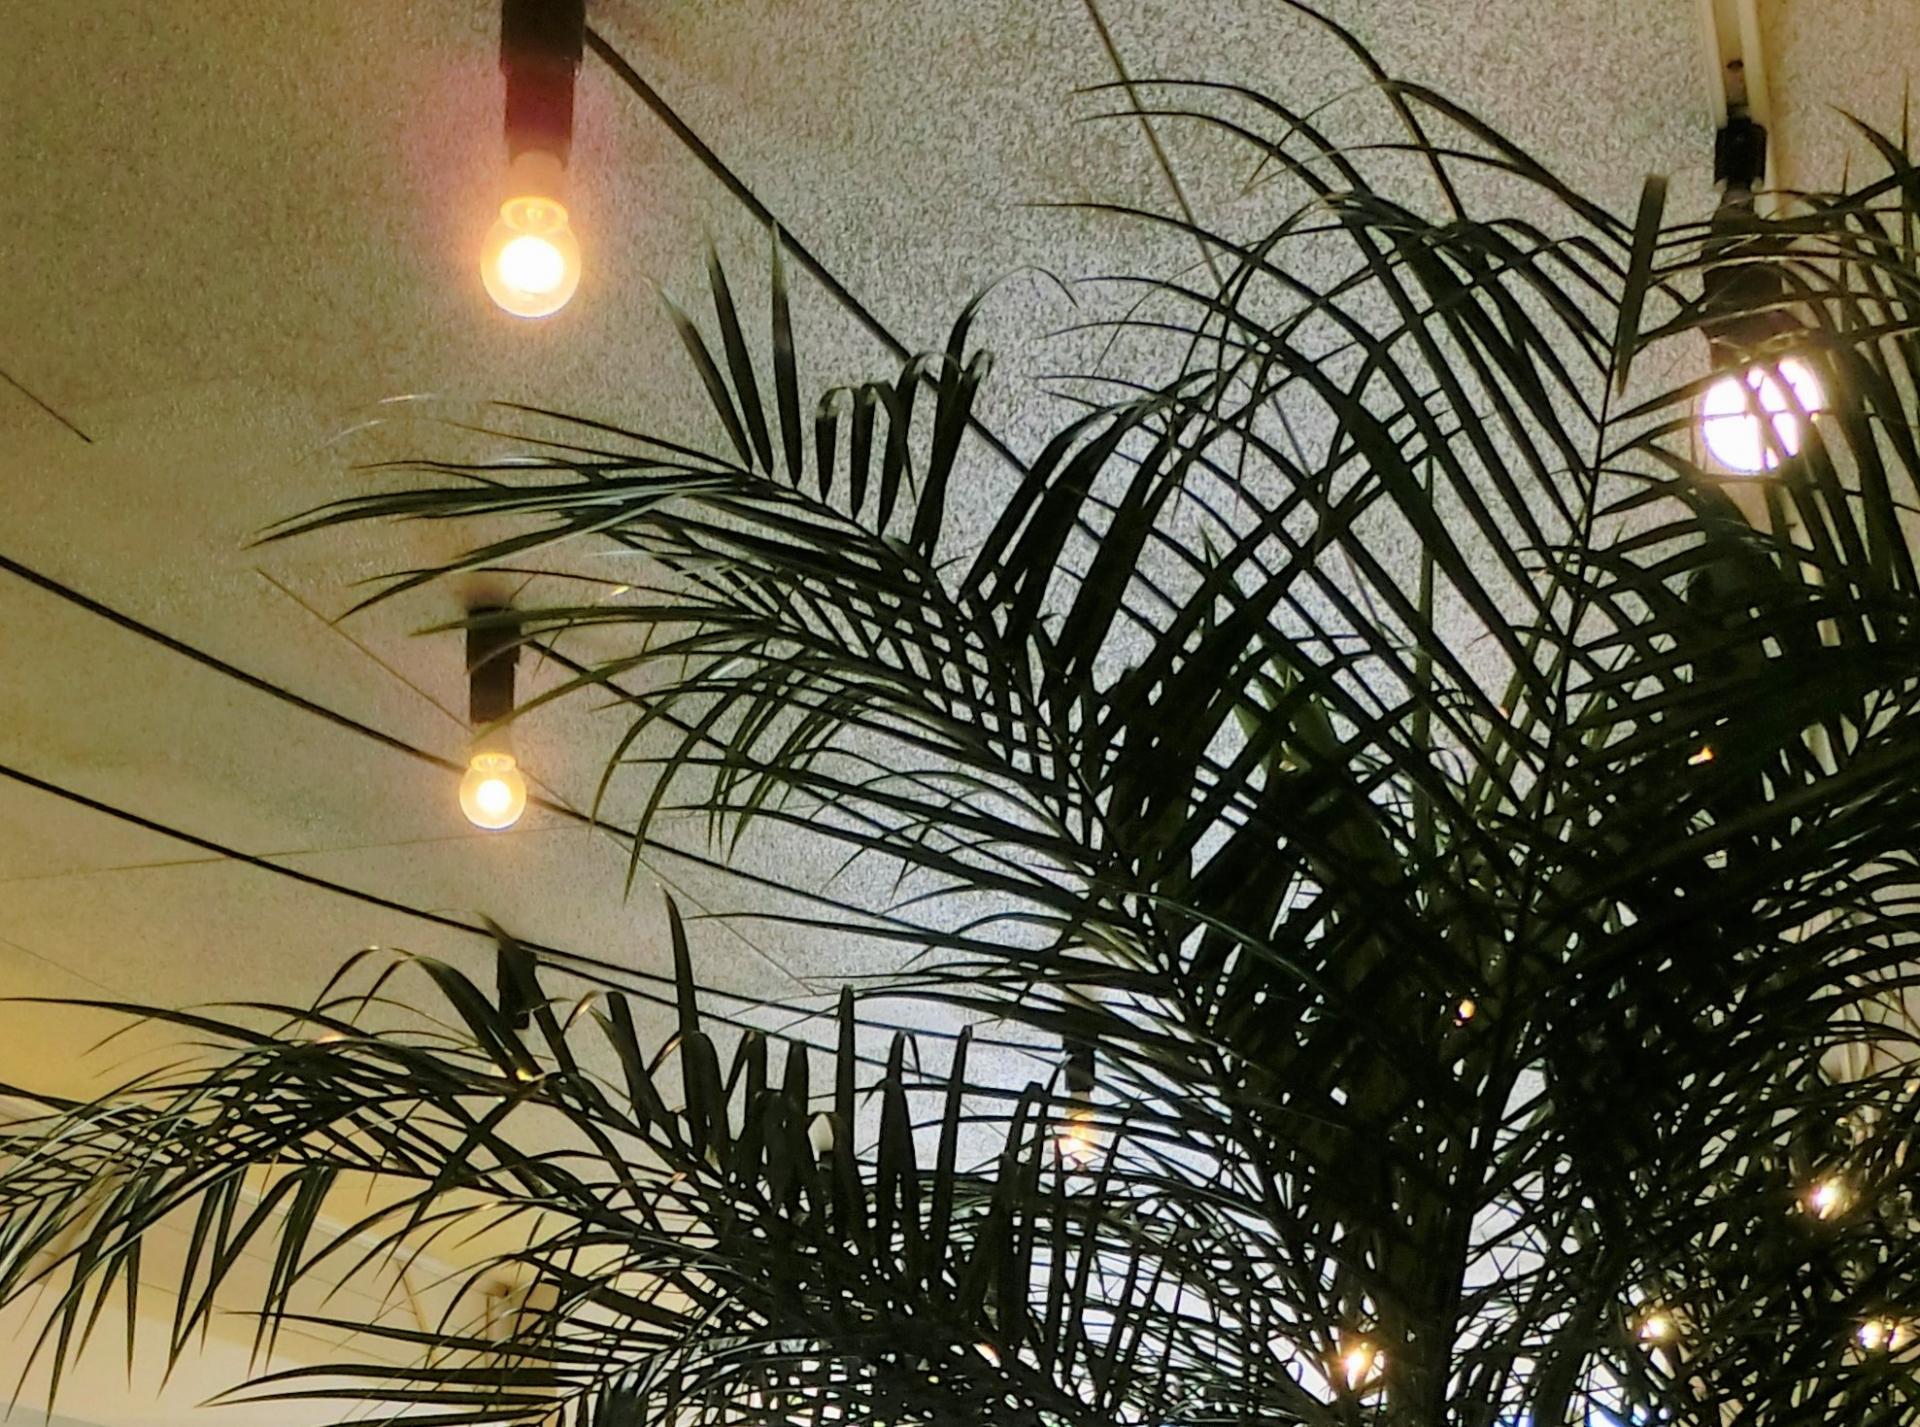 ケンチャヤシとは?どんな観葉植物?その特徴や育て方をご紹介!